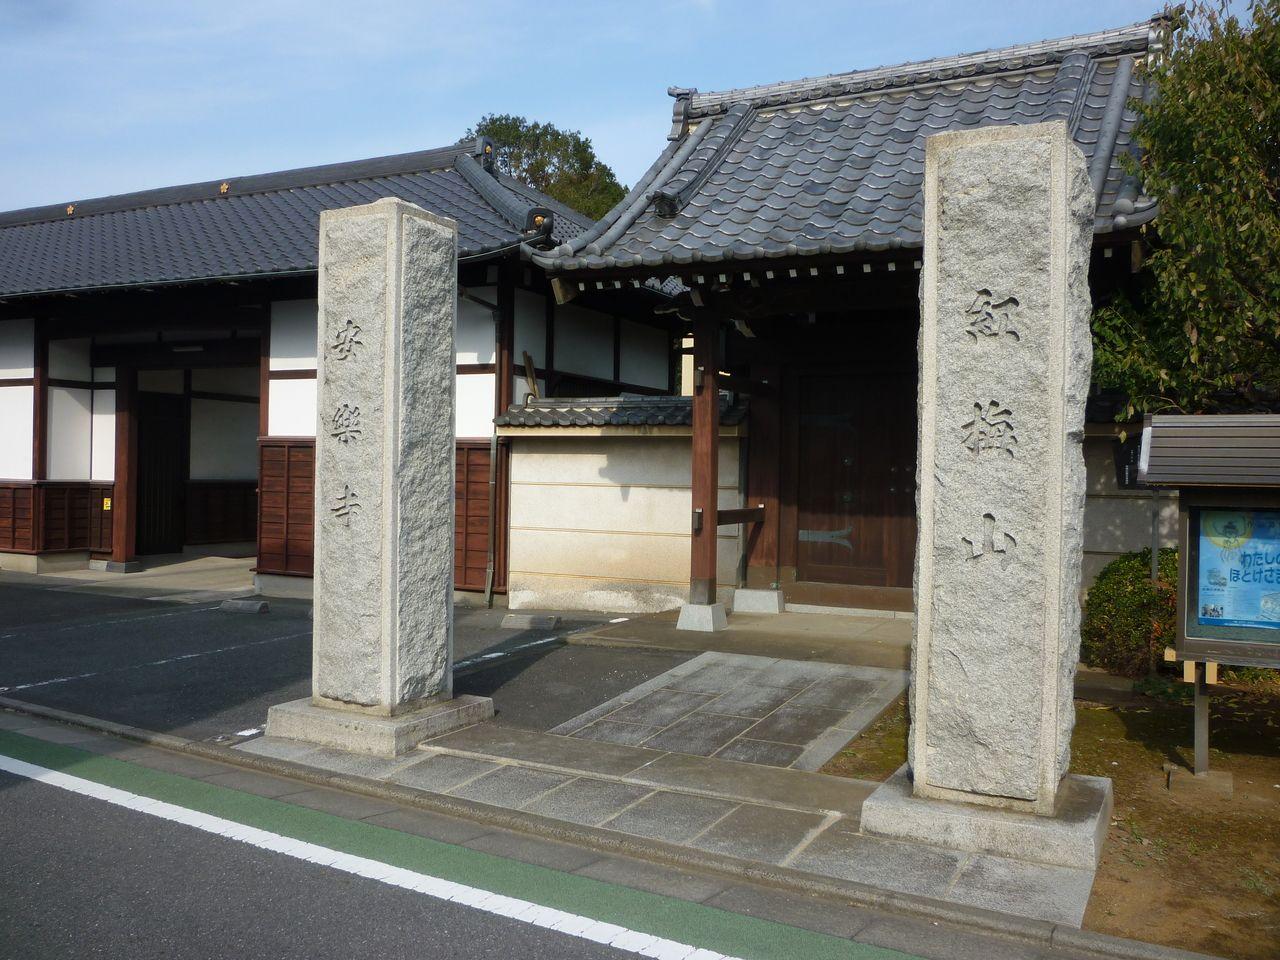 板橋区徳丸にある「安楽寺」って知ってる?